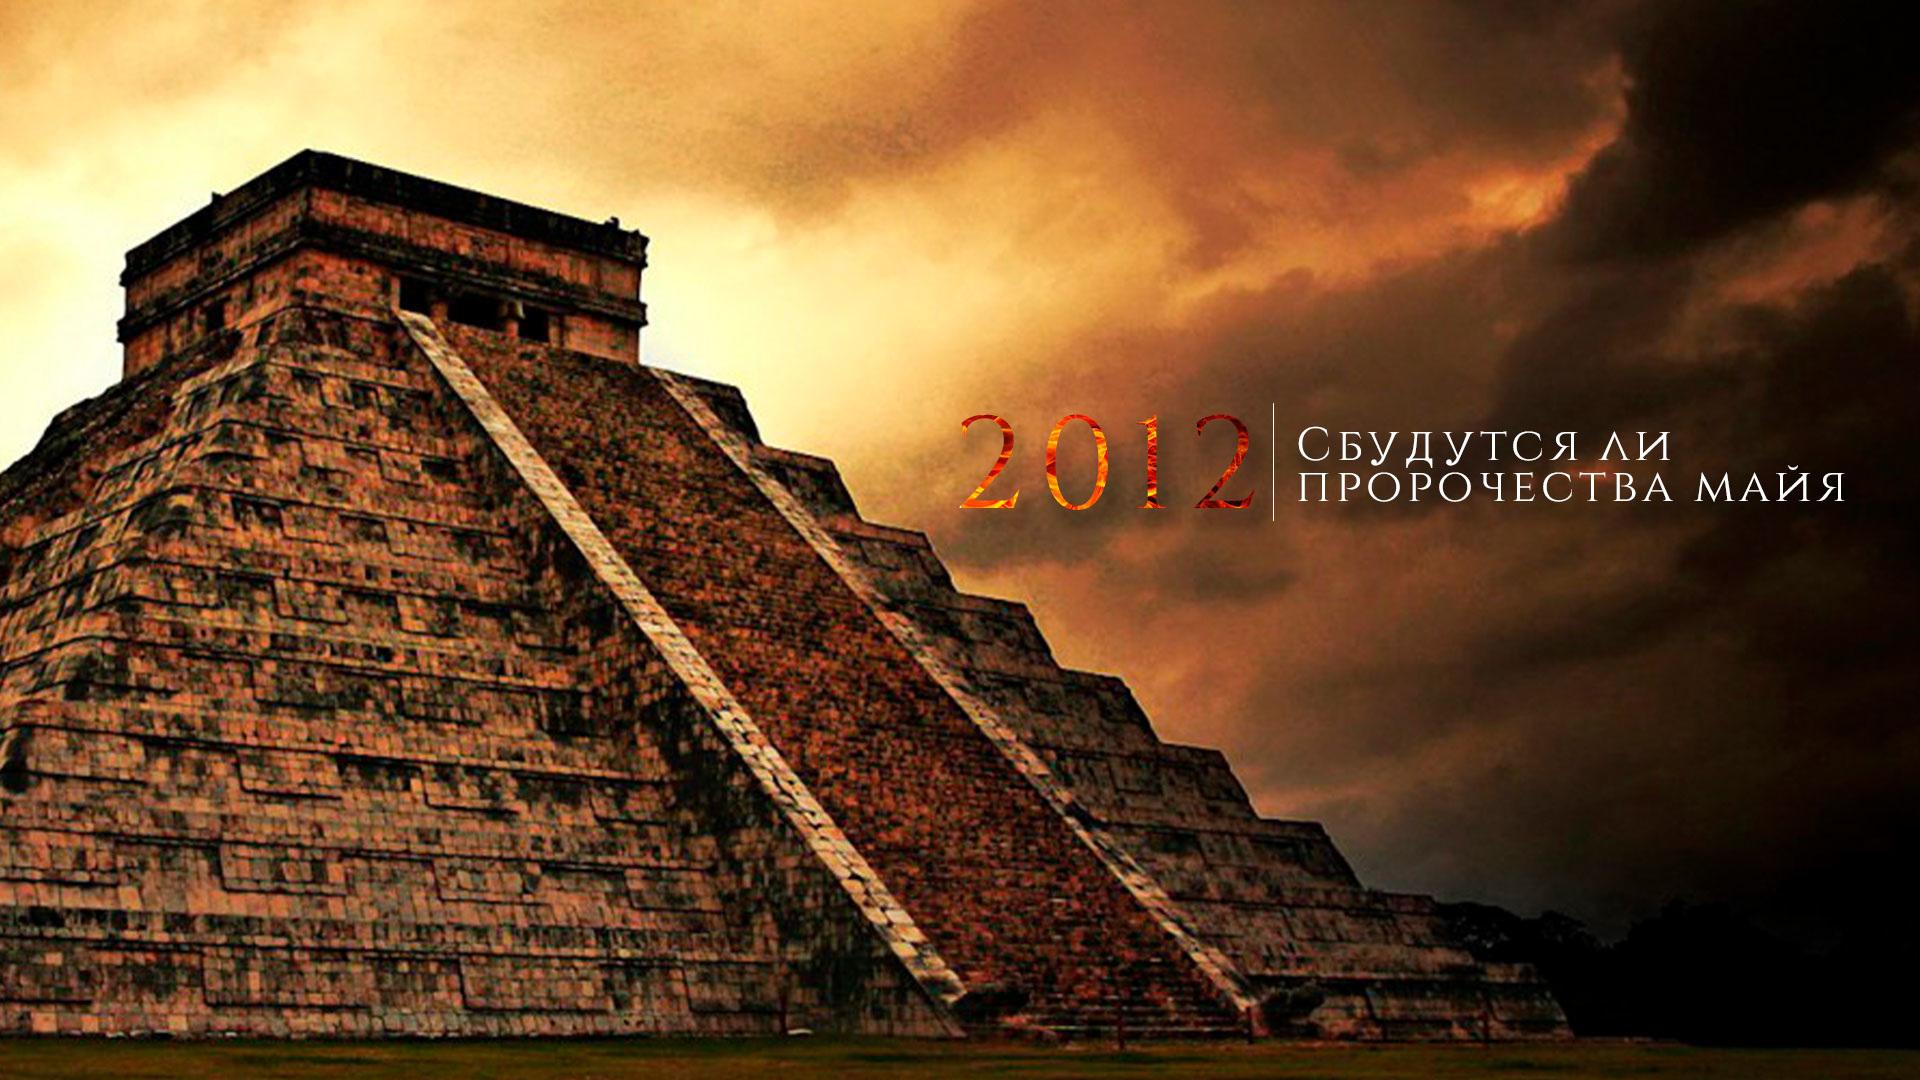 2012. Сбудутся ли пророчества майя?